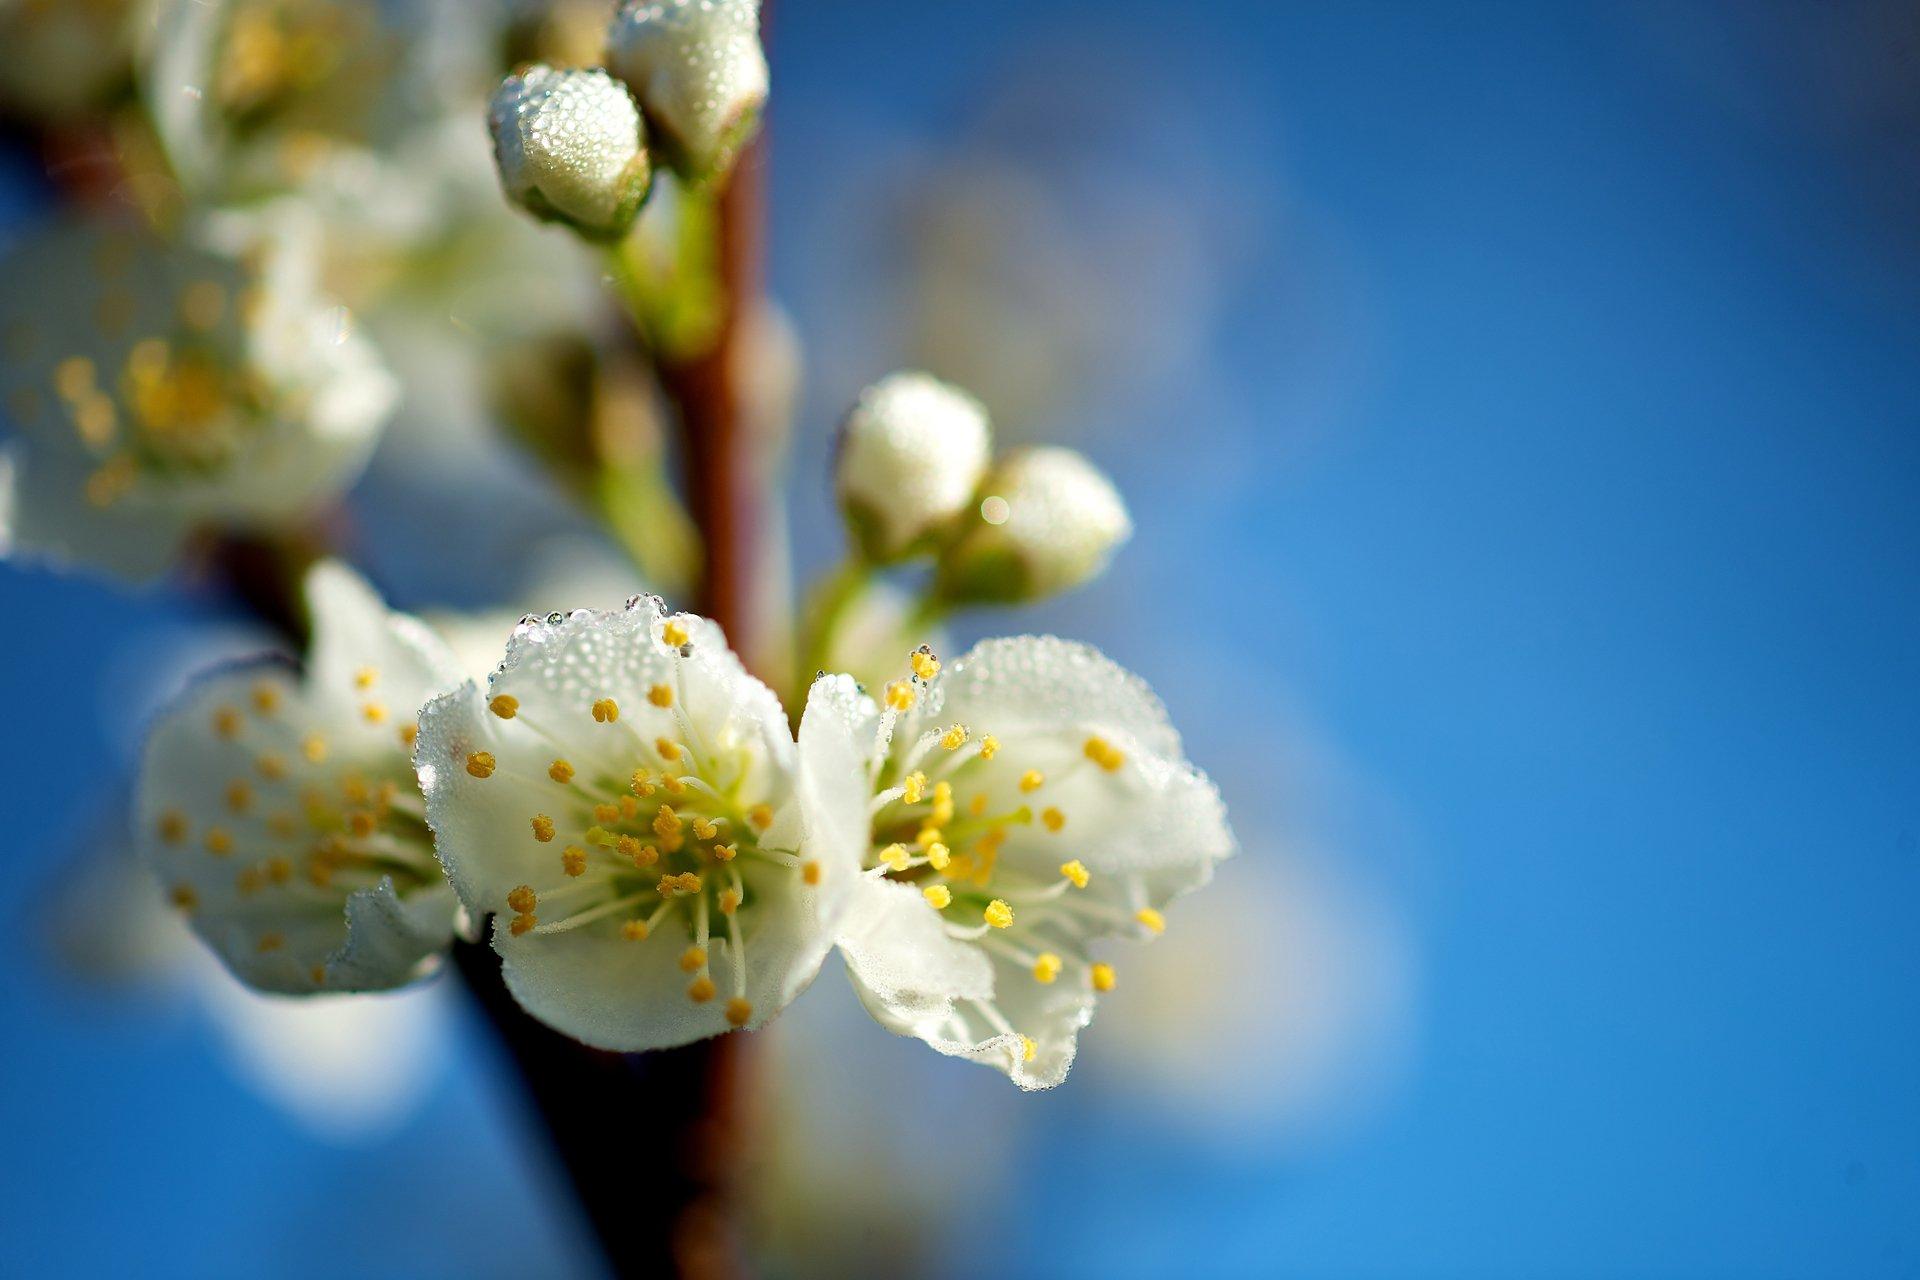 оценит красивые картинки весна на рабочий стол широкоформатные под крепления